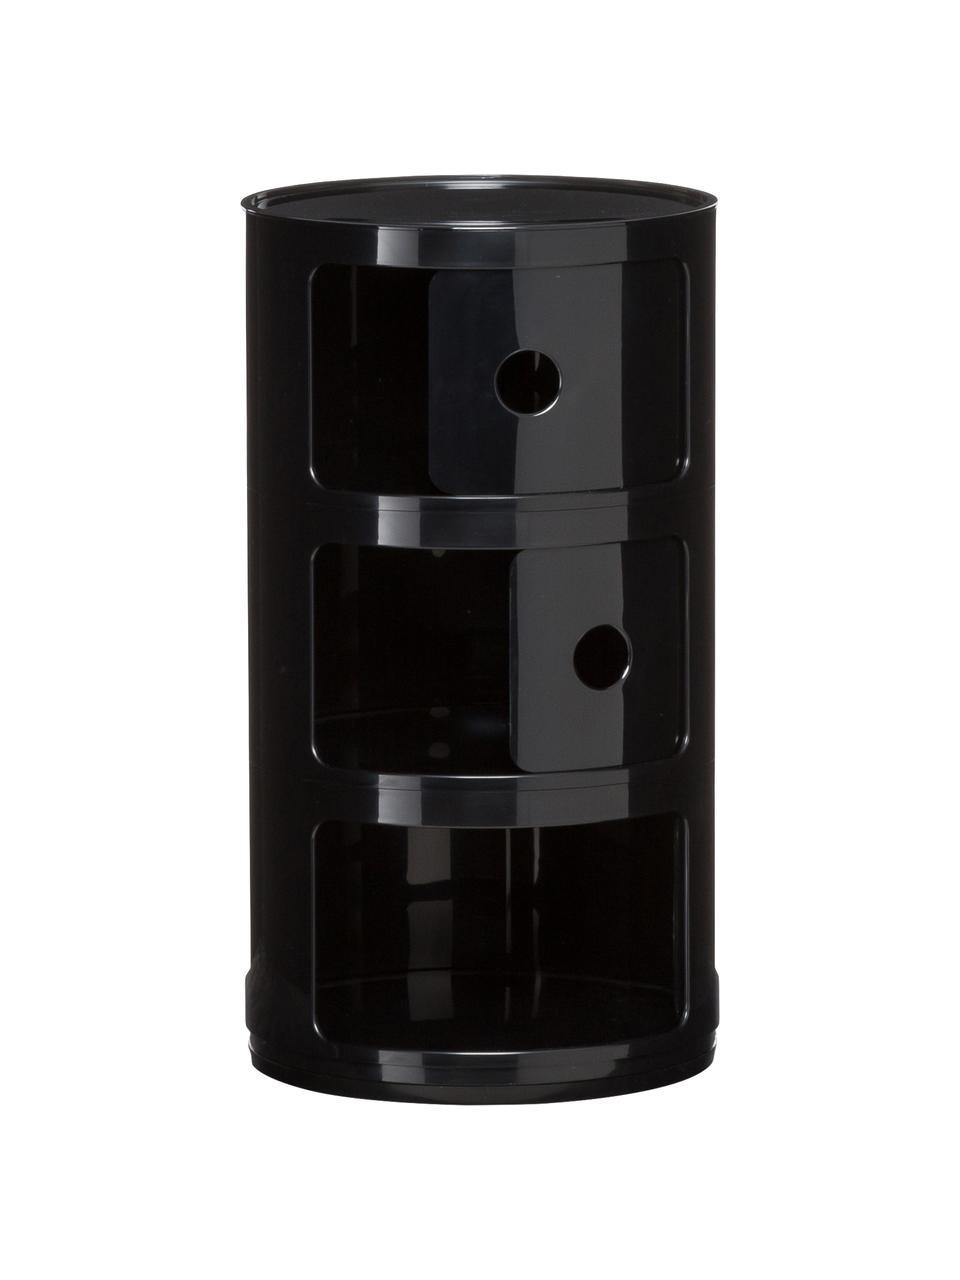 Design Container Componibili 3 Modules, Kunststoff (ABS), lackiert, Schwarz, glänzend, Ø 32 x H 59 cm